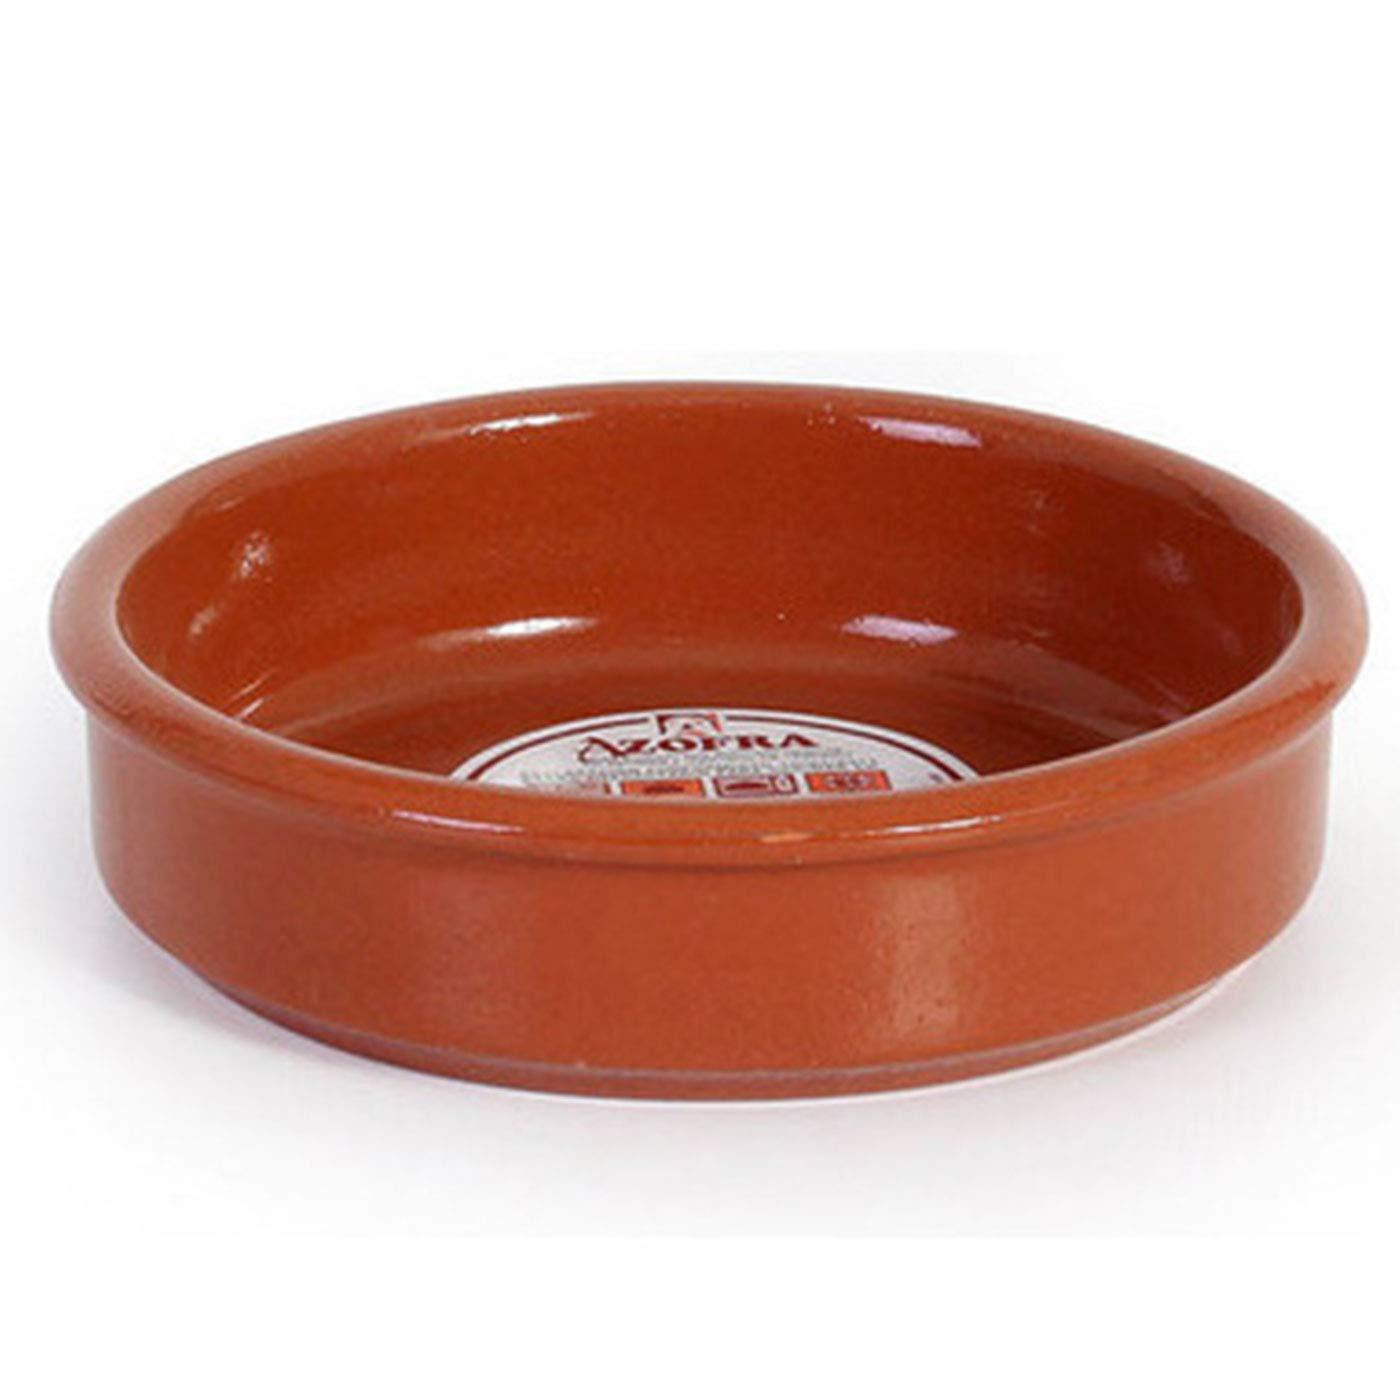 Azofra - Cazuela de barro de 14 cm apta para vitro: Amazon ...